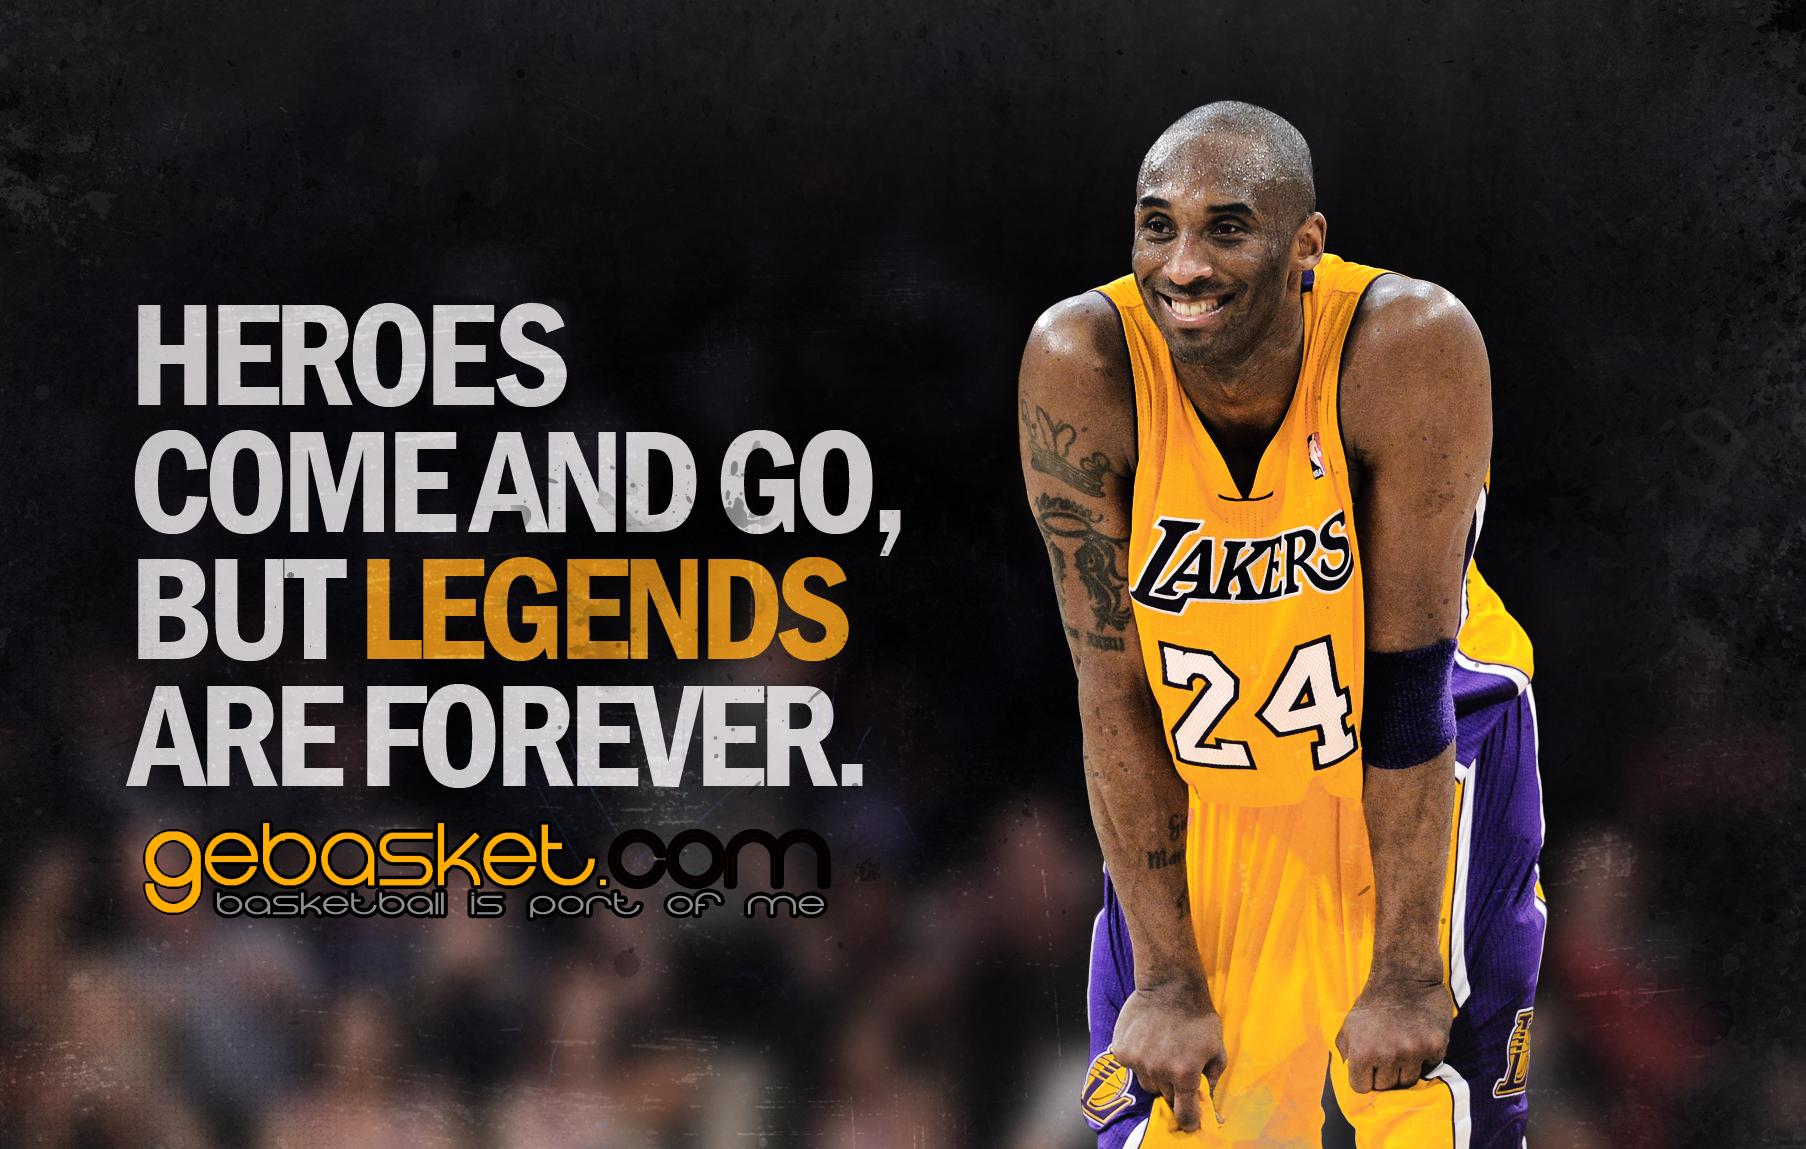 Kobe Bryant Quotes Kobe Bryant  Nba Legends  Pinterest  Kobe Bryant Kobe And Nba